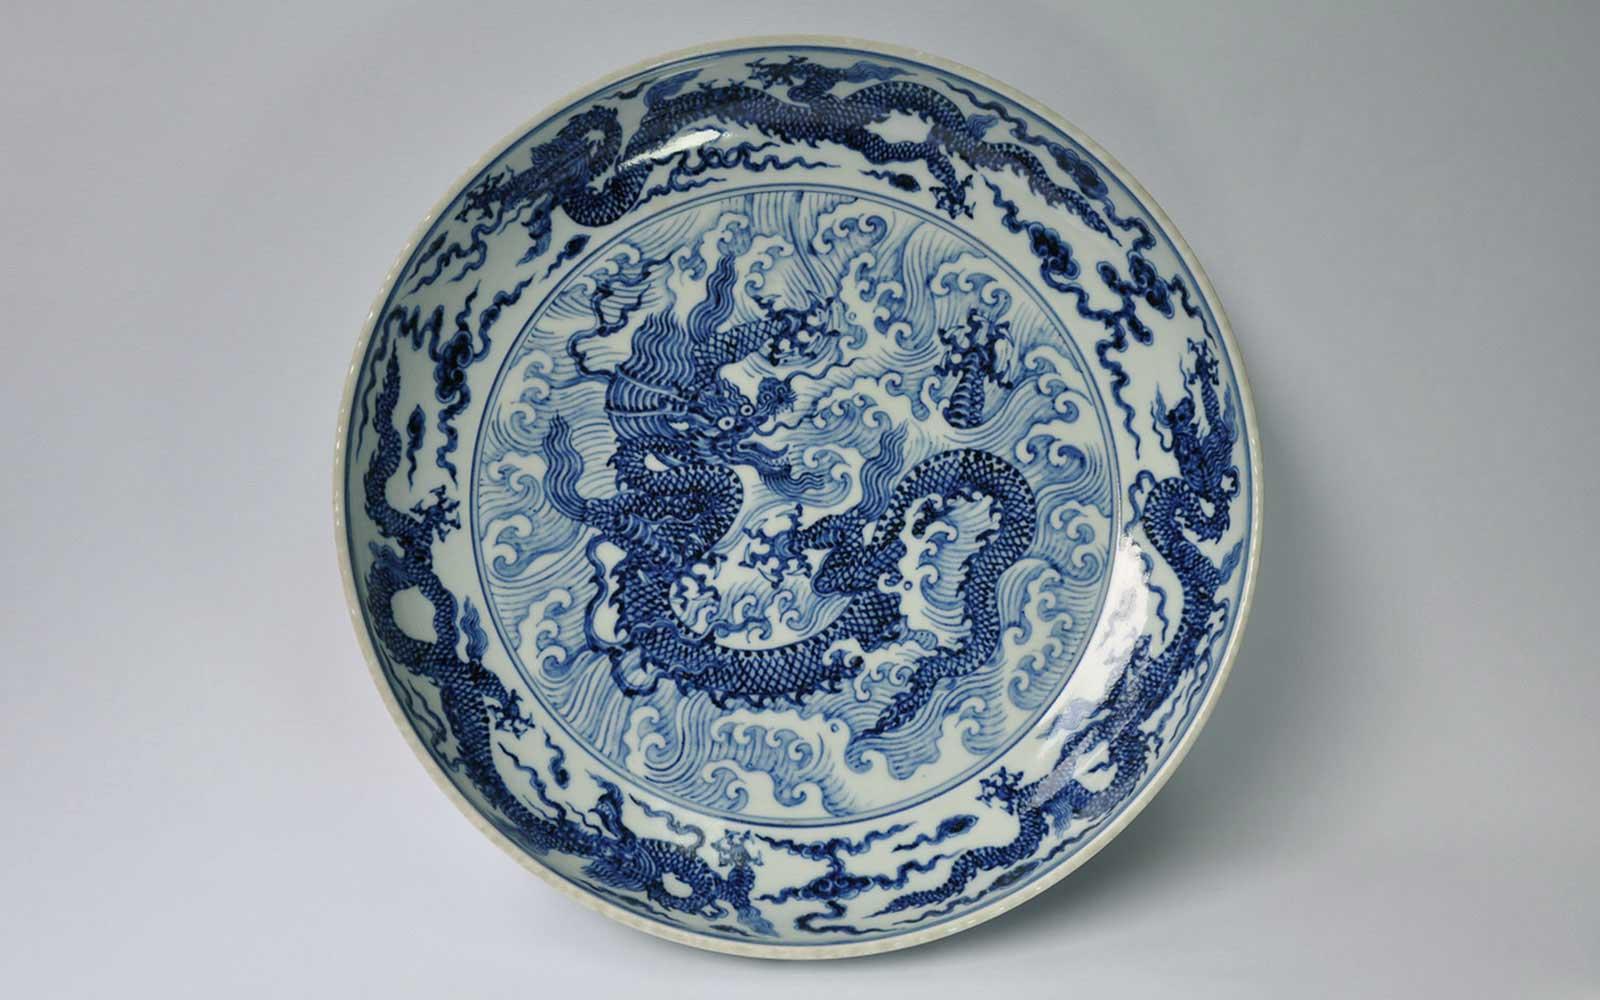 明宣德 青花海水龍大盤 Plate with dragon & waves design, Ming dynasty, Xuande reign and marked (1426-1435 CE), d31.5xh6xf23cm